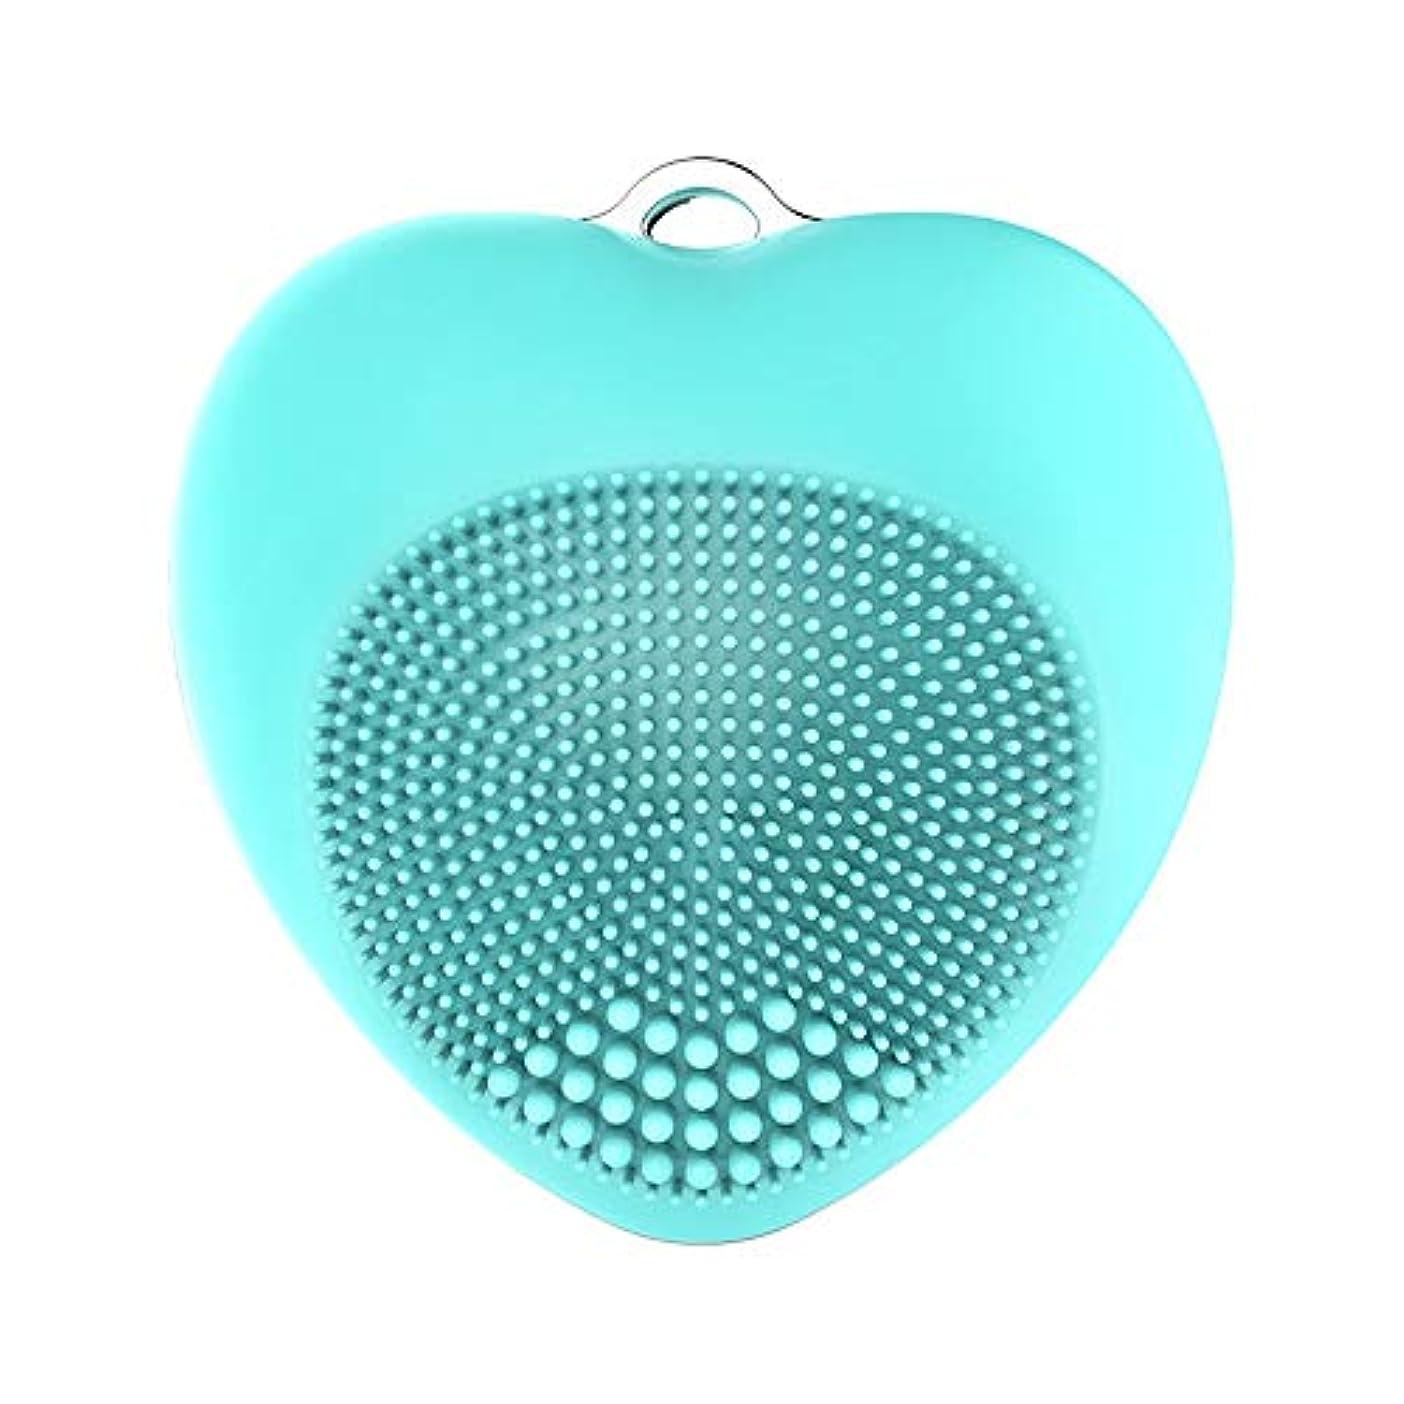 あなたのもの陰気進化するLYX 新シリコーンクレンジング器、電気美容機器、毛穴クレンジングブラックヘッドウォッシュブラシ、超音波洗顔マッサージツール (Color : 青)